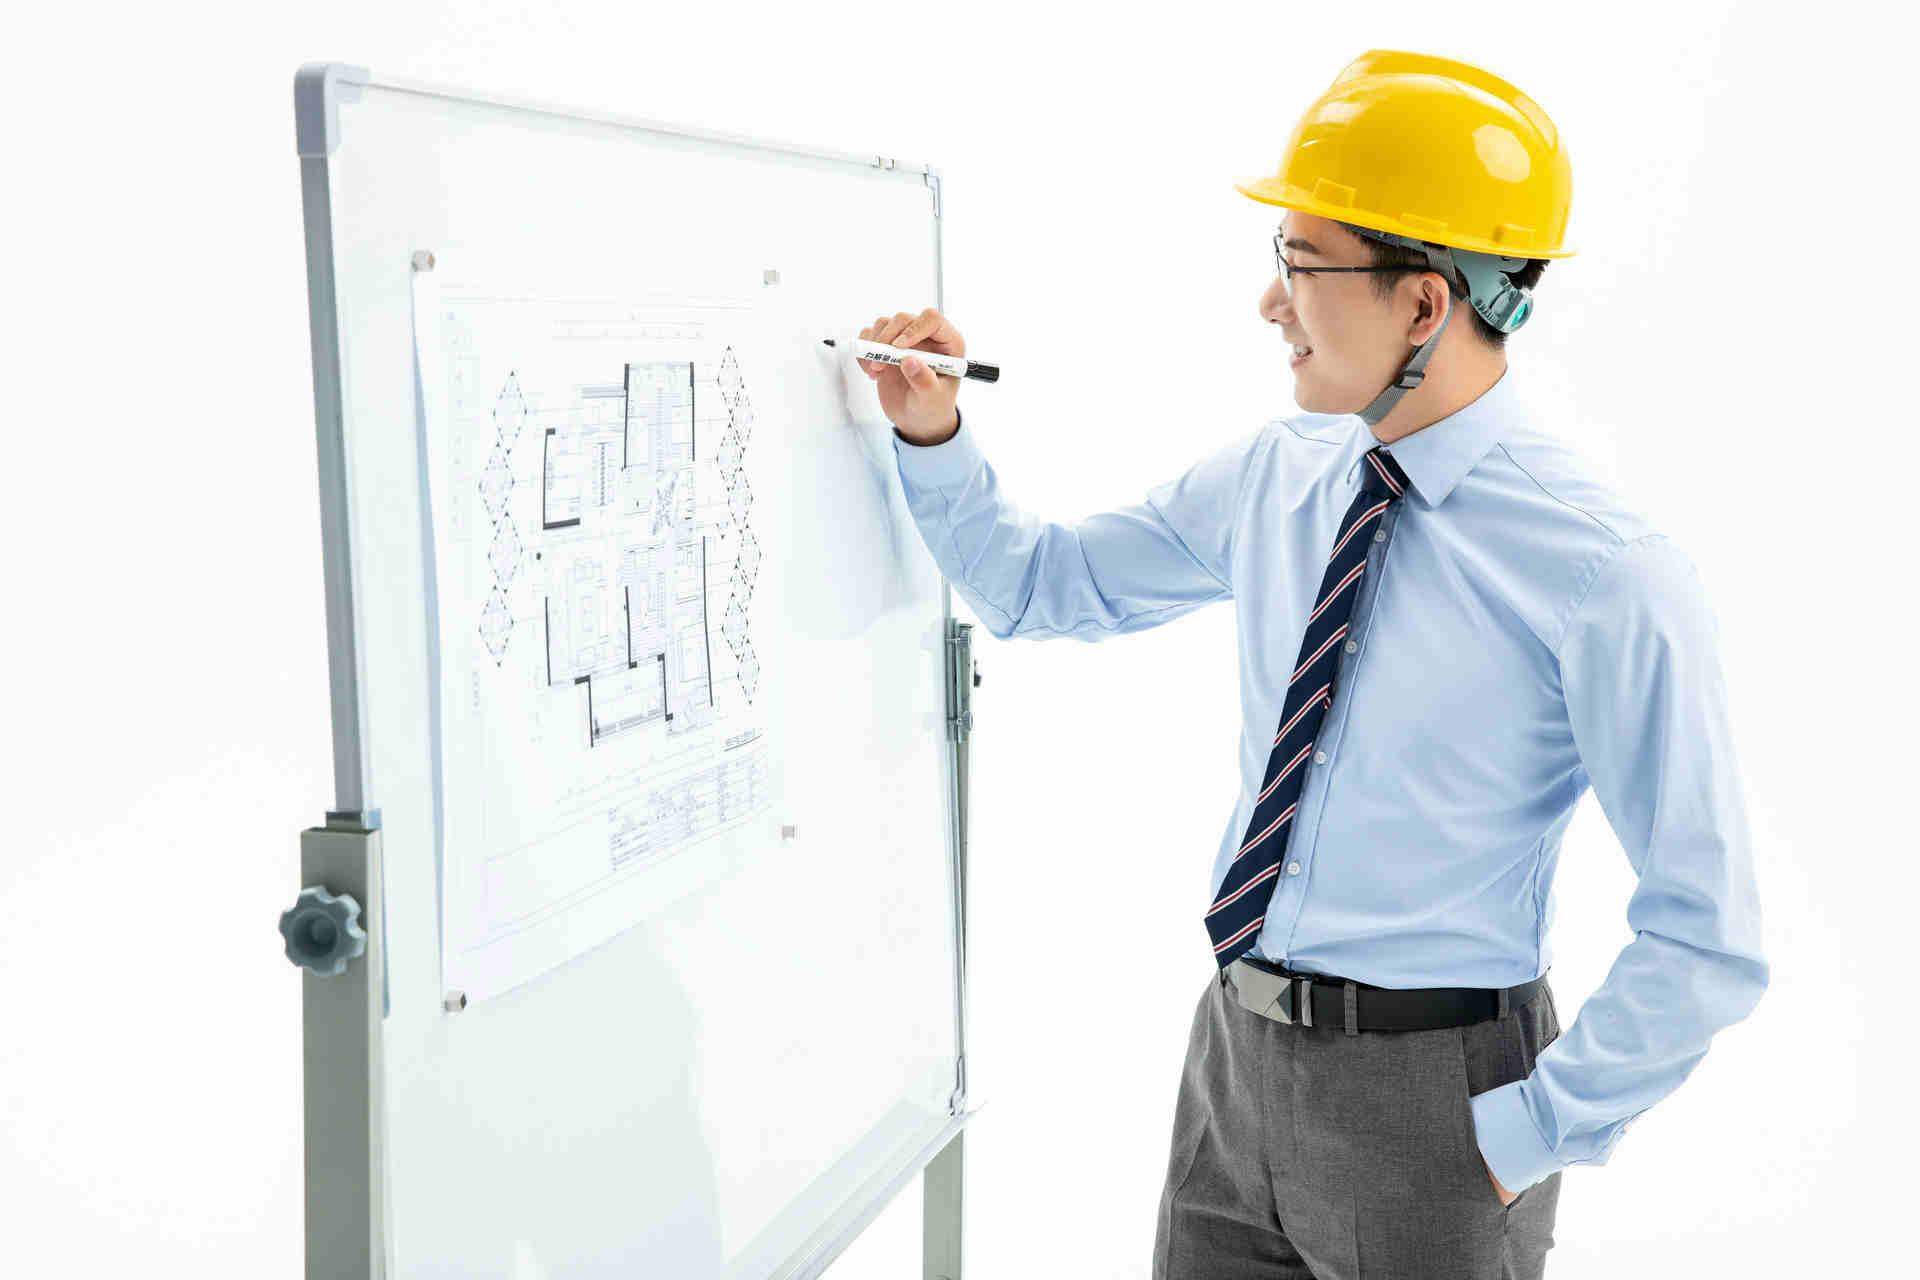 昆明二级建造师考试培训哪家好